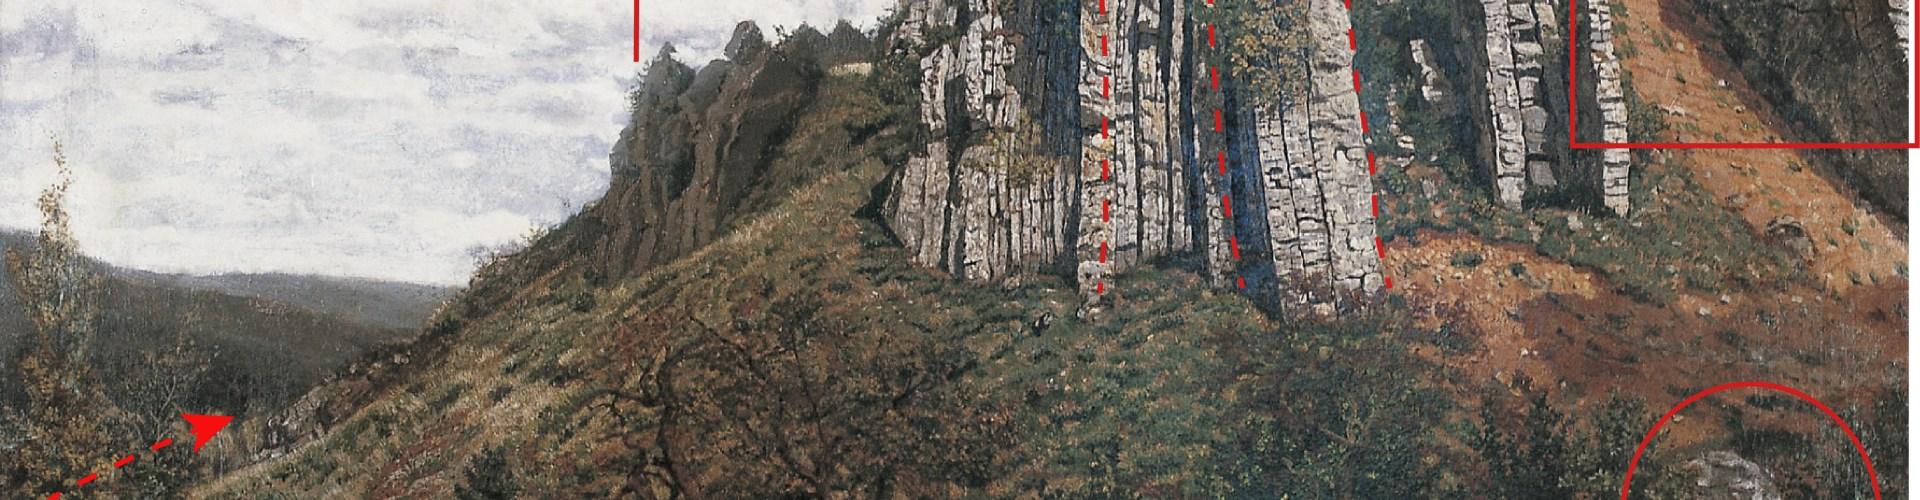 El Prado pide ayuda a los geólogos para descubrir la situación del afloramiento de una pintura del siglo XIX